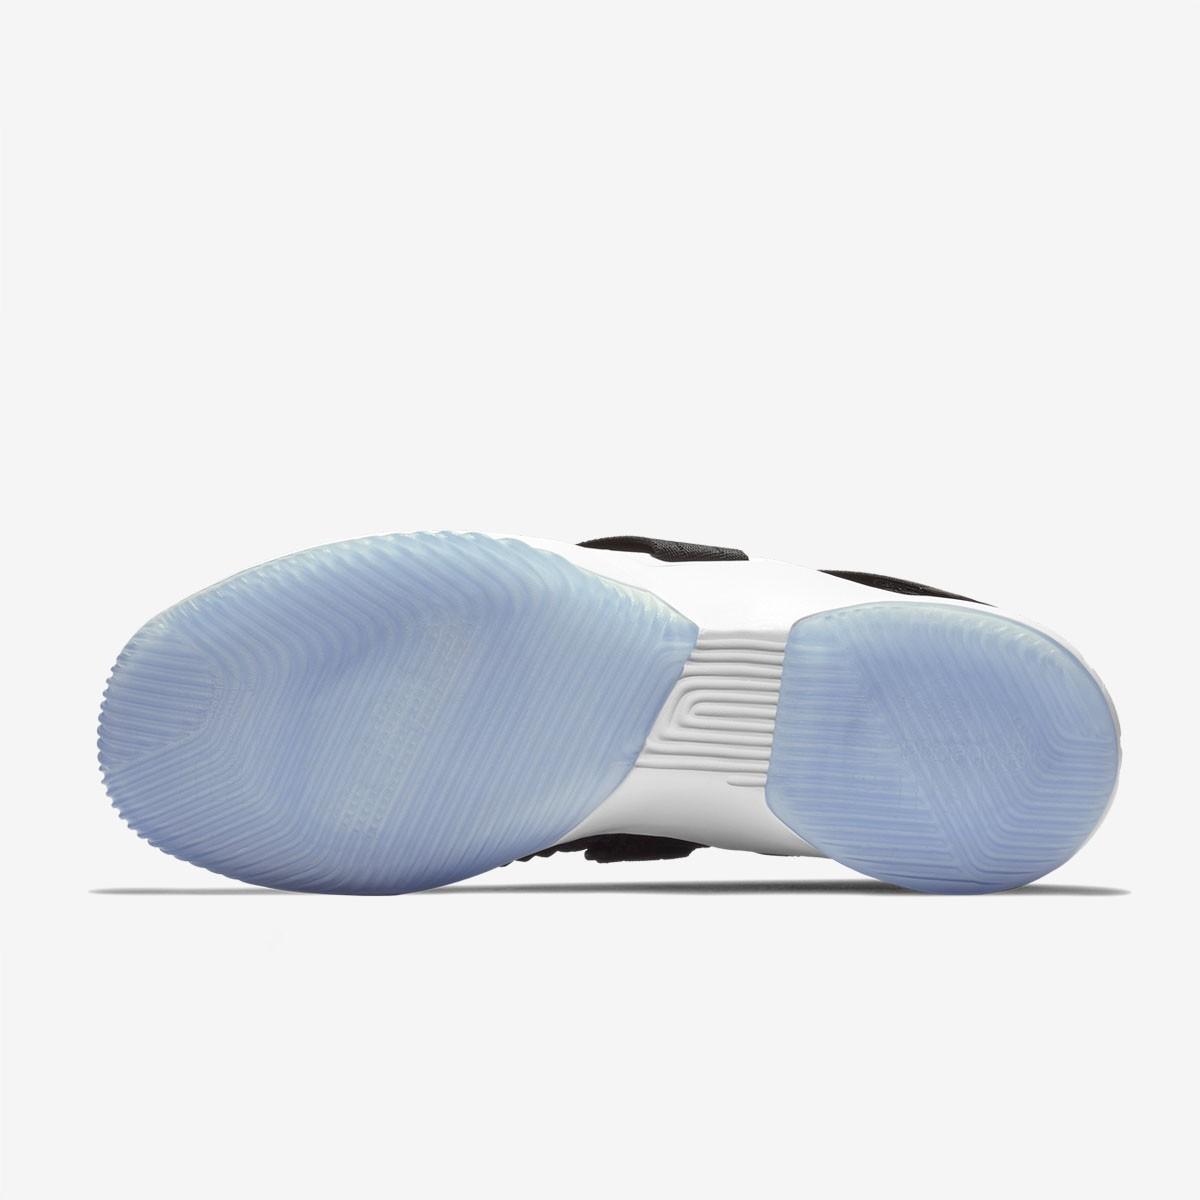 e70d79a79beaa Comprar Nike Lebron Soldier XII SFG  Space Jam  Zapatillas ...